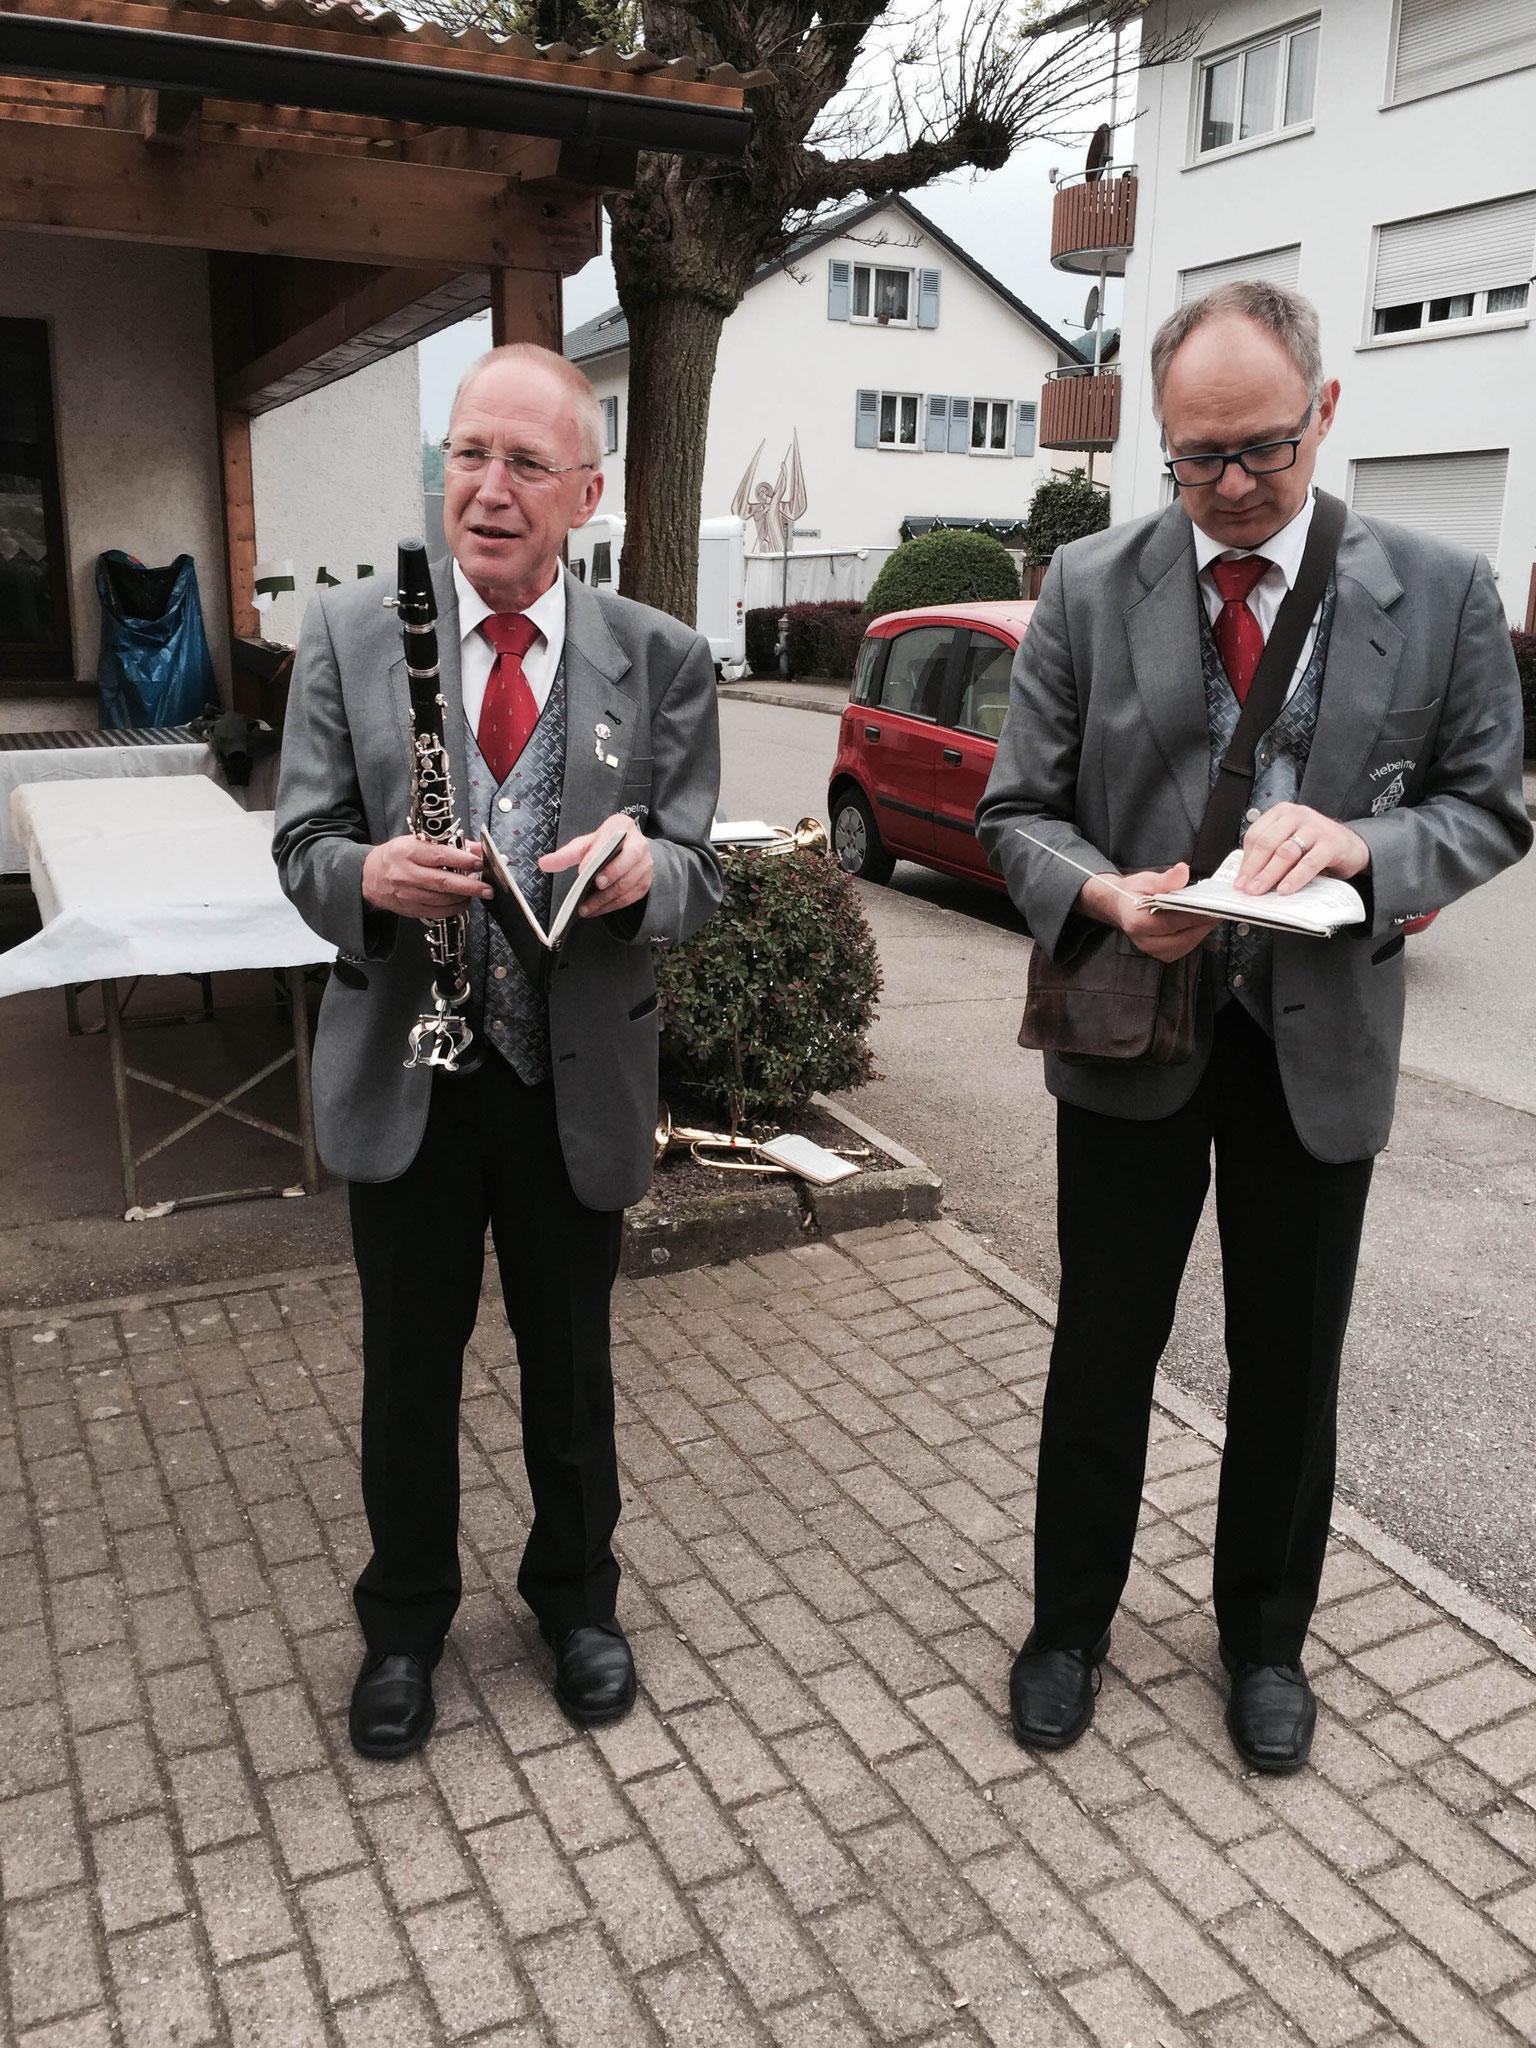 Roland und Jean-Christophe machen sich bereit